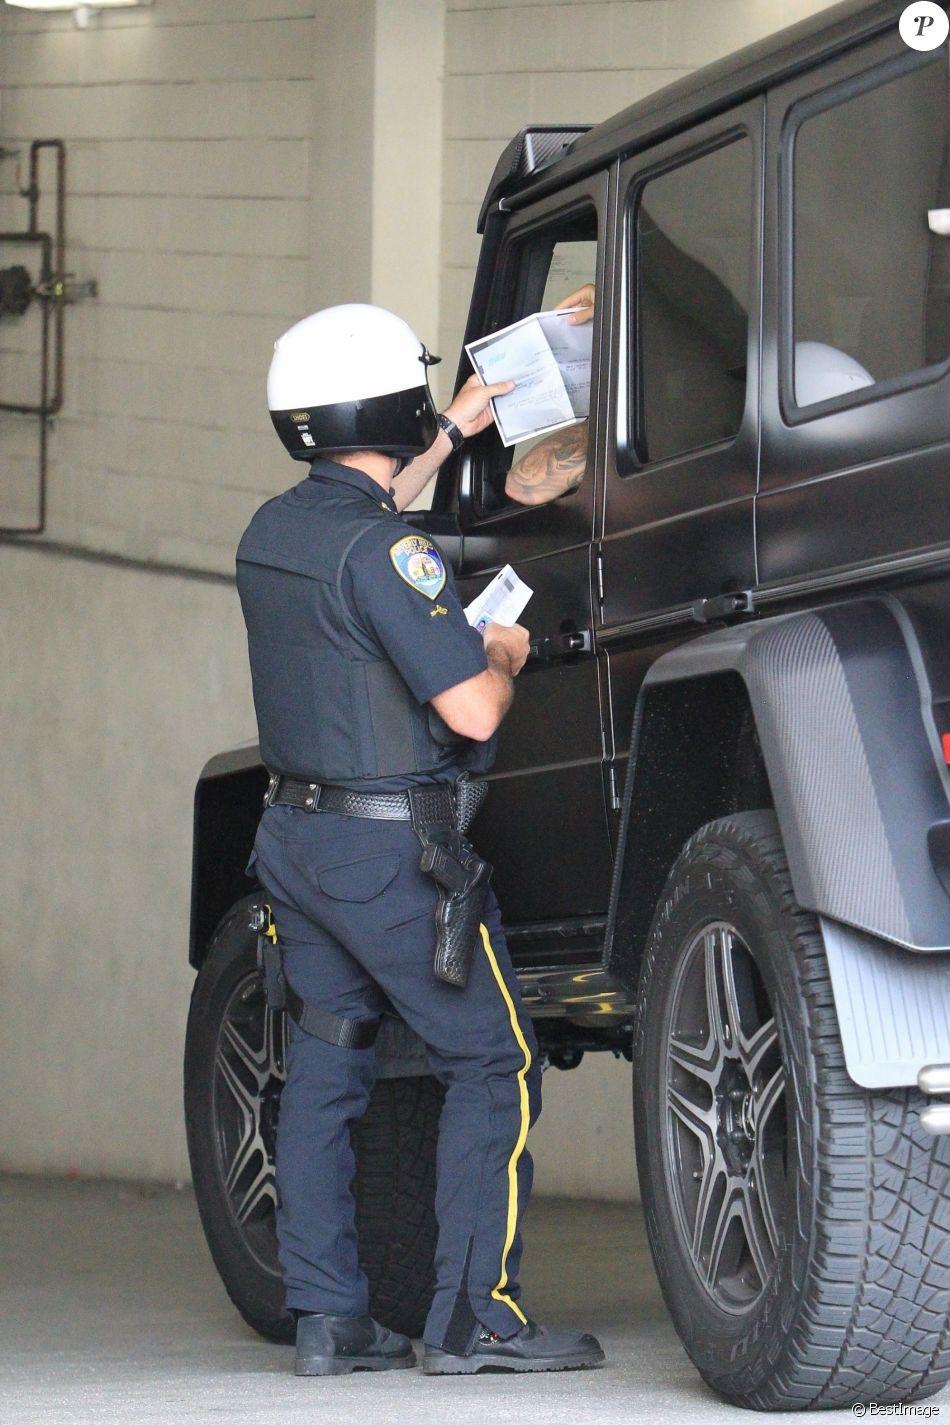 Exclusif - Justin Bieber se fait arrêter par la police à son arrivée au volant de son nouveau Mercedes Benz G Wagon devant l'hôtel Montage à Beverly Hills, le 15 juillet 2017